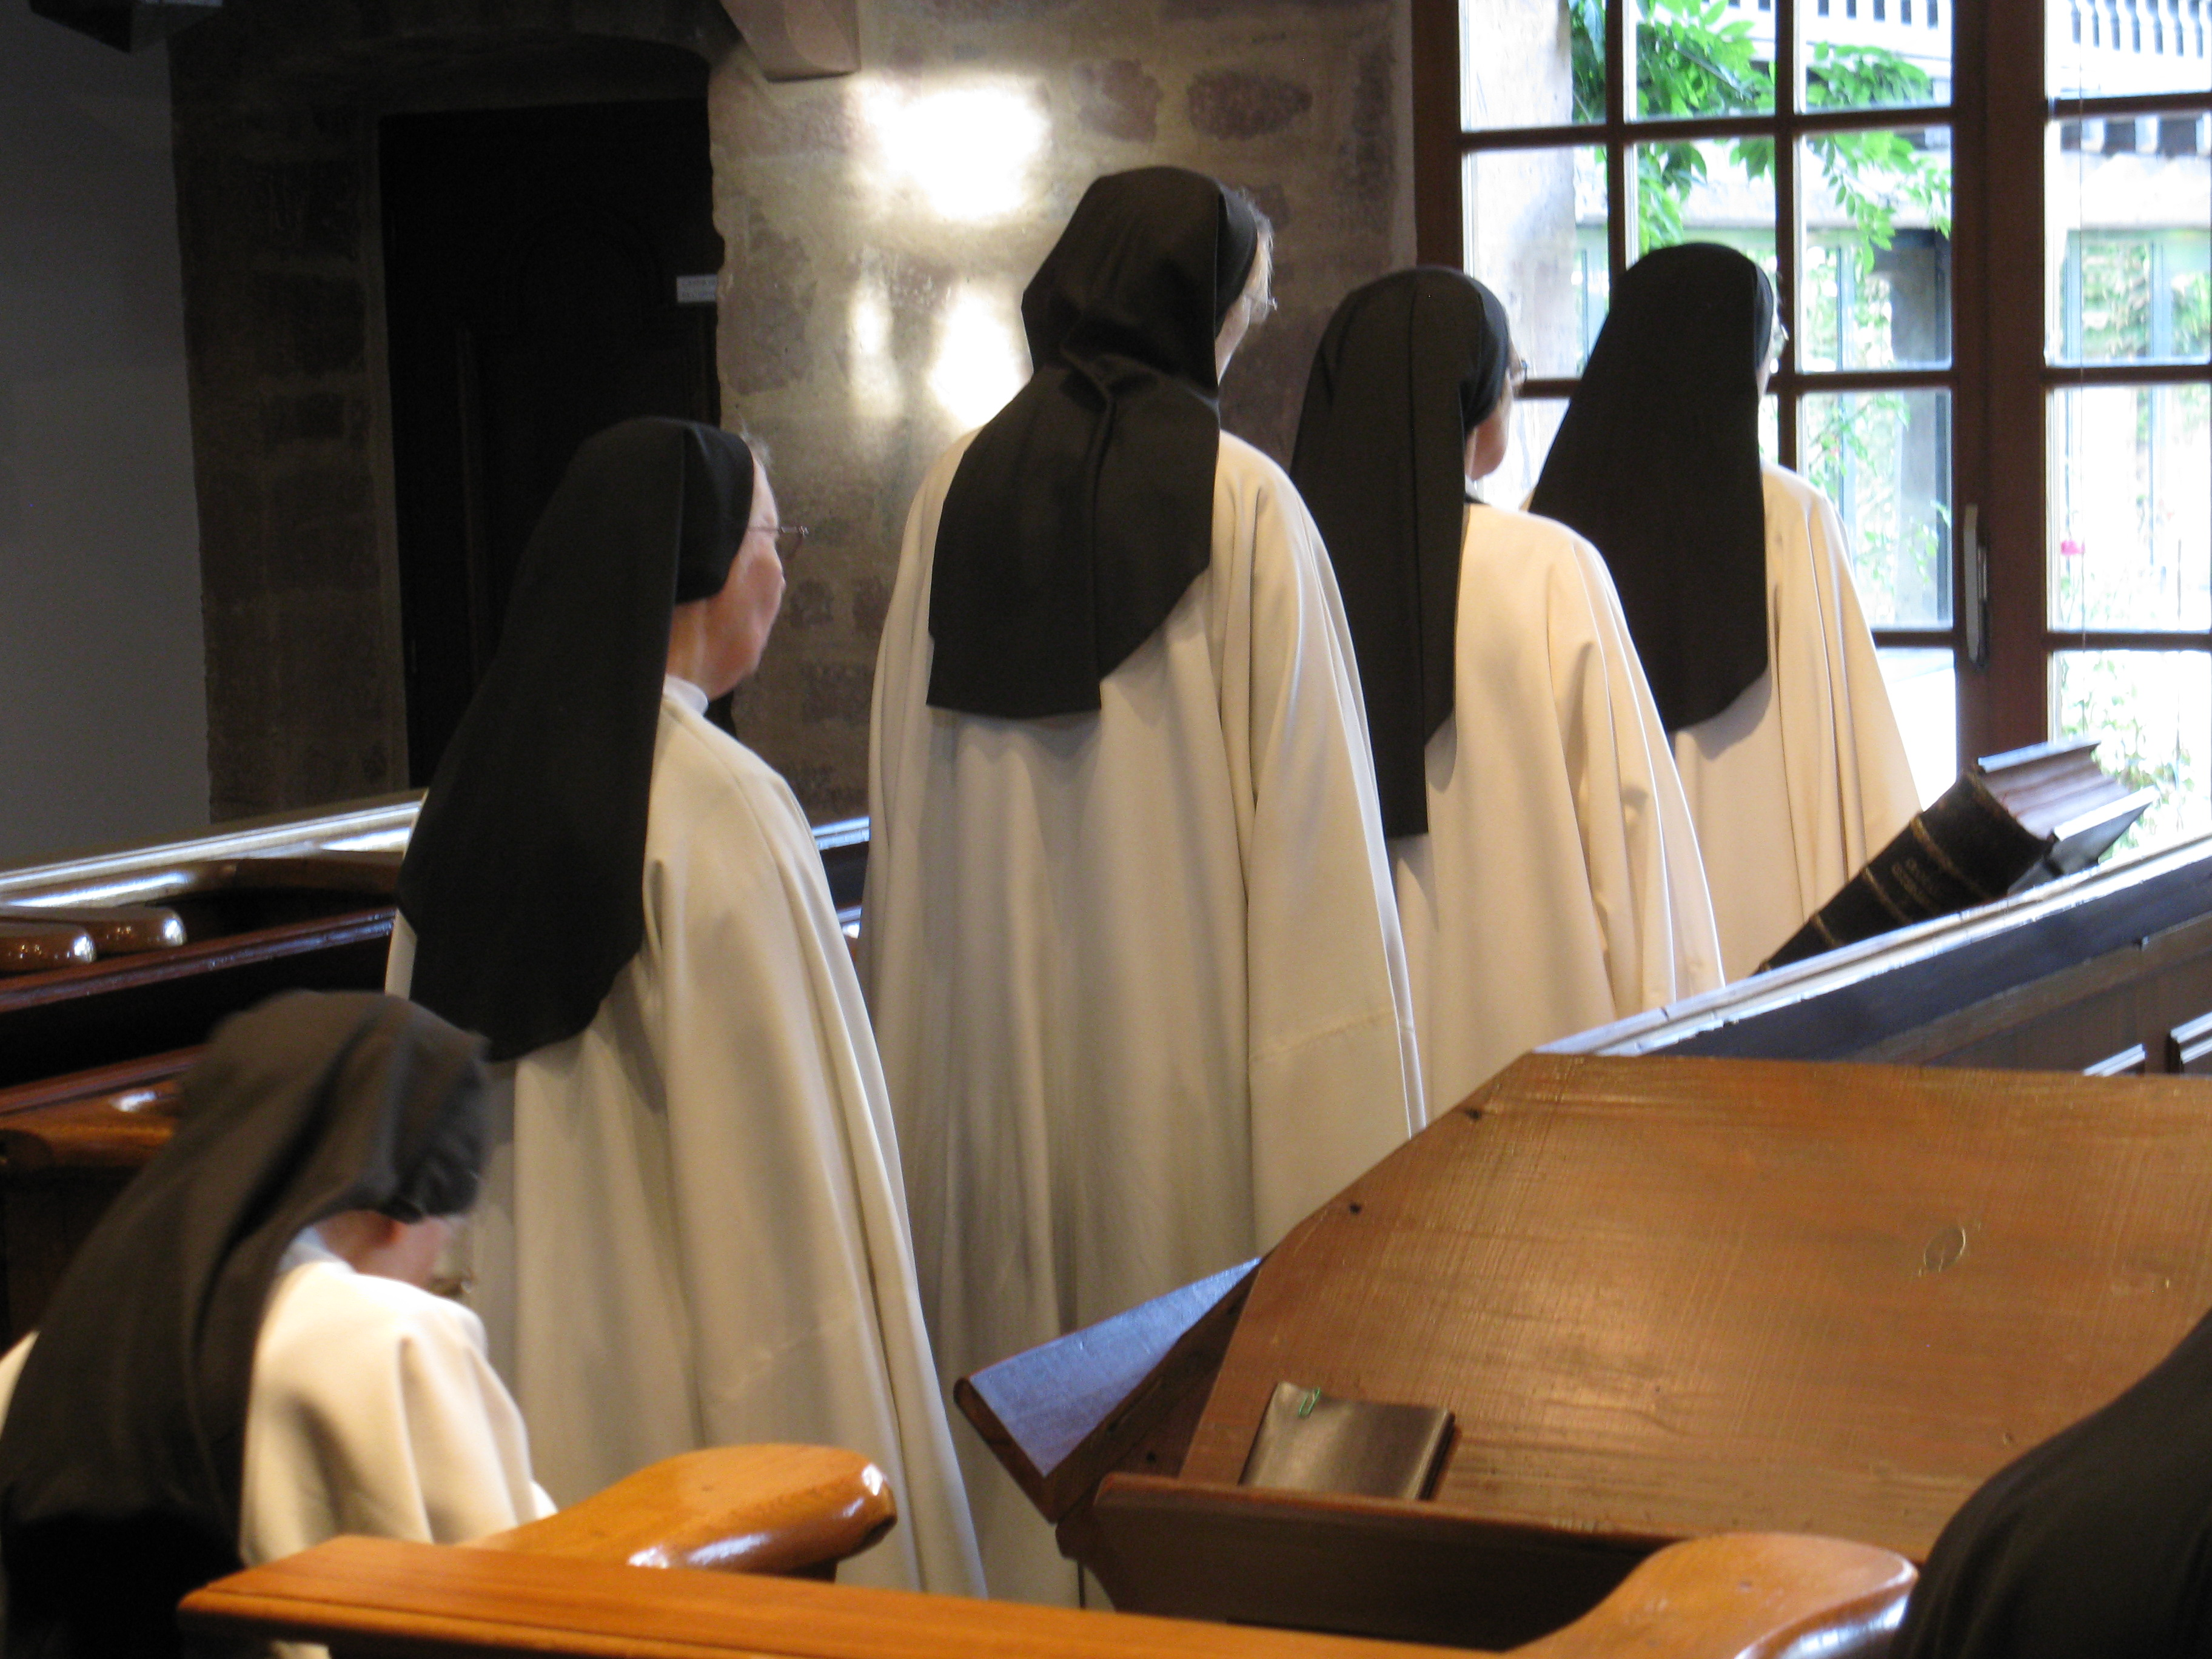 Horaires de nos offices semaine et solennit s abbaye n - Abbaye de citeaux horaires des offices ...